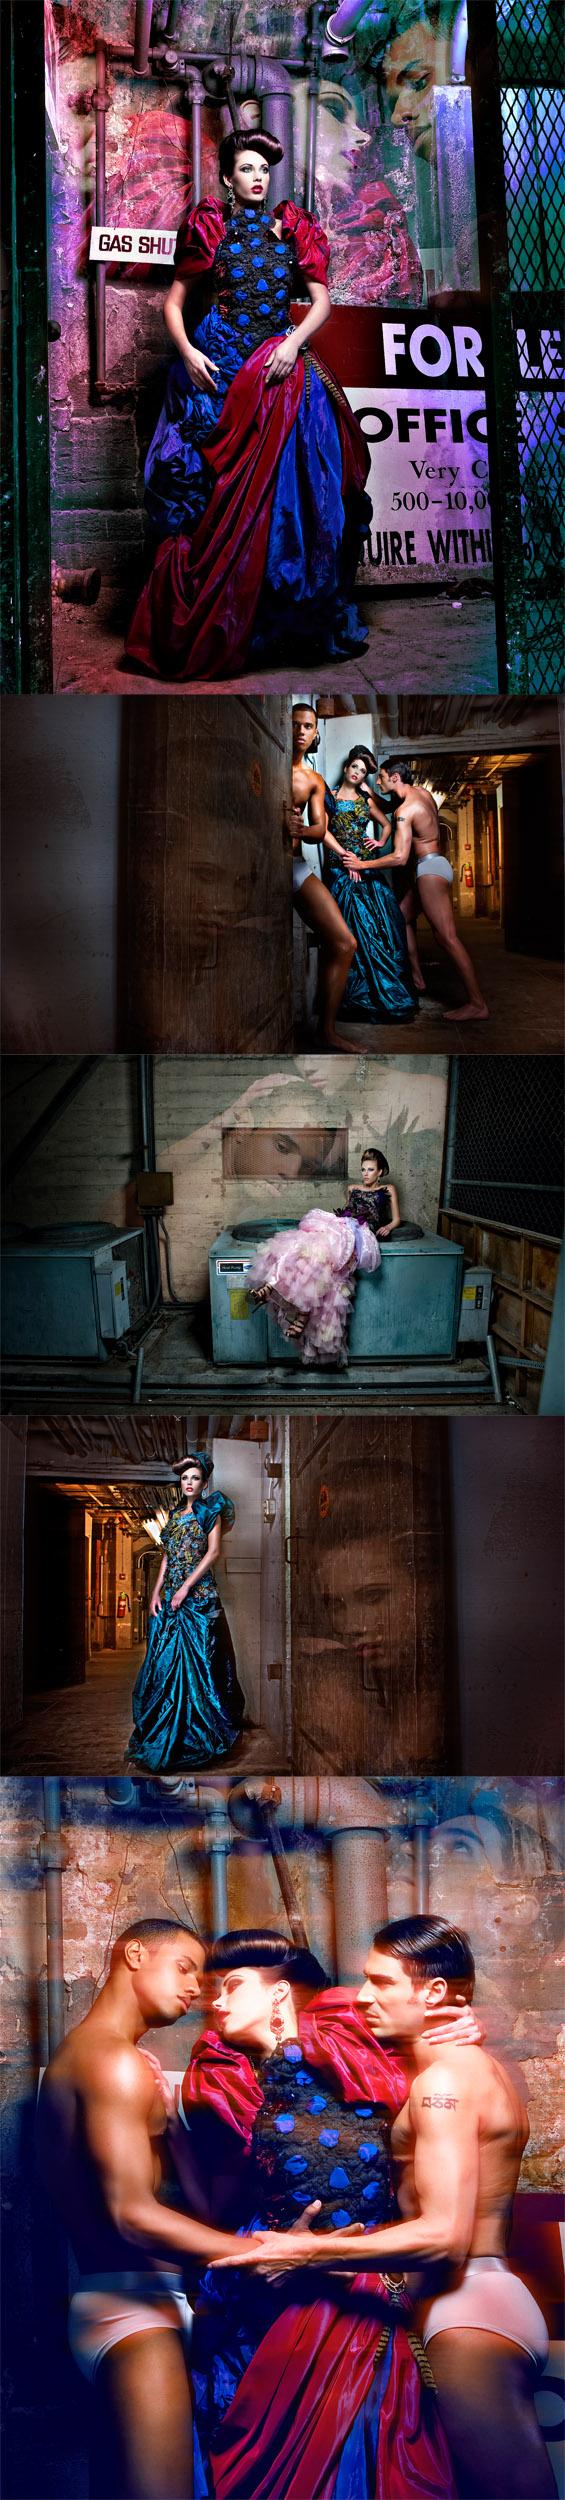 www.Studio10ent.com. Feb 11, 2009 www.Davidnstudio.com